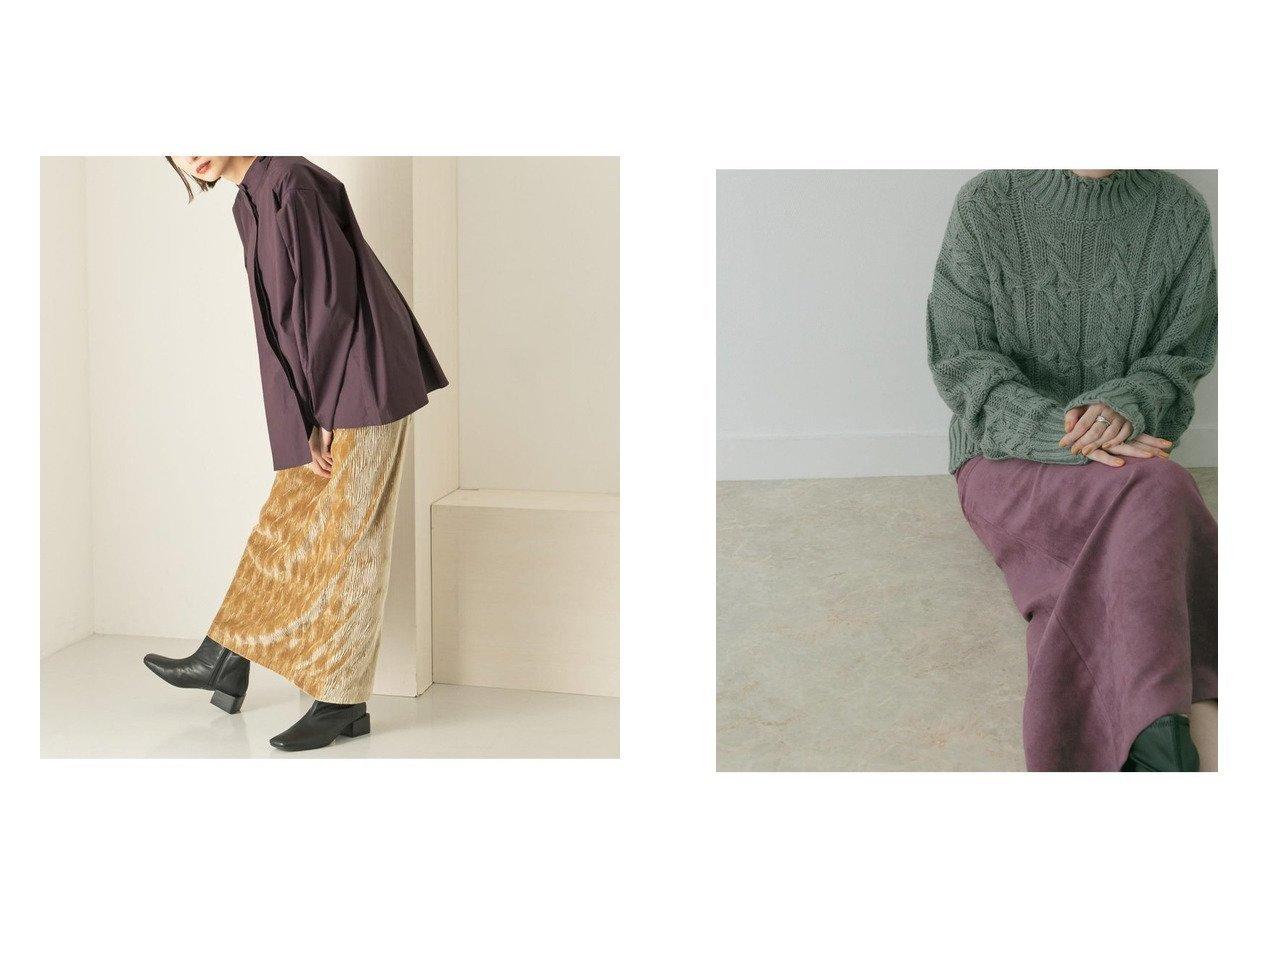 【KBF / URBAN RESEARCH/ケービーエフ】のKBF+ スエードロングスカート&クリンクルベロアタイトスカート スカートのおすすめ!人気、トレンド・レディースファッションの通販  おすすめで人気の流行・トレンド、ファッションの通販商品 メンズファッション・キッズファッション・インテリア・家具・レディースファッション・服の通販 founy(ファニー) https://founy.com/ ファッション Fashion レディースファッション WOMEN スカート Skirt ロングスカート Long Skirt カットソー シンプル スウェット スタンダード スリット フェイクスエード ポケット ロング 定番 A/W 秋冬 AW Autumn/Winter / FW Fall-Winter クラシカル ストレッチ スニーカー ダウン ベロア ヴィンテージ |ID:crp329100000009694